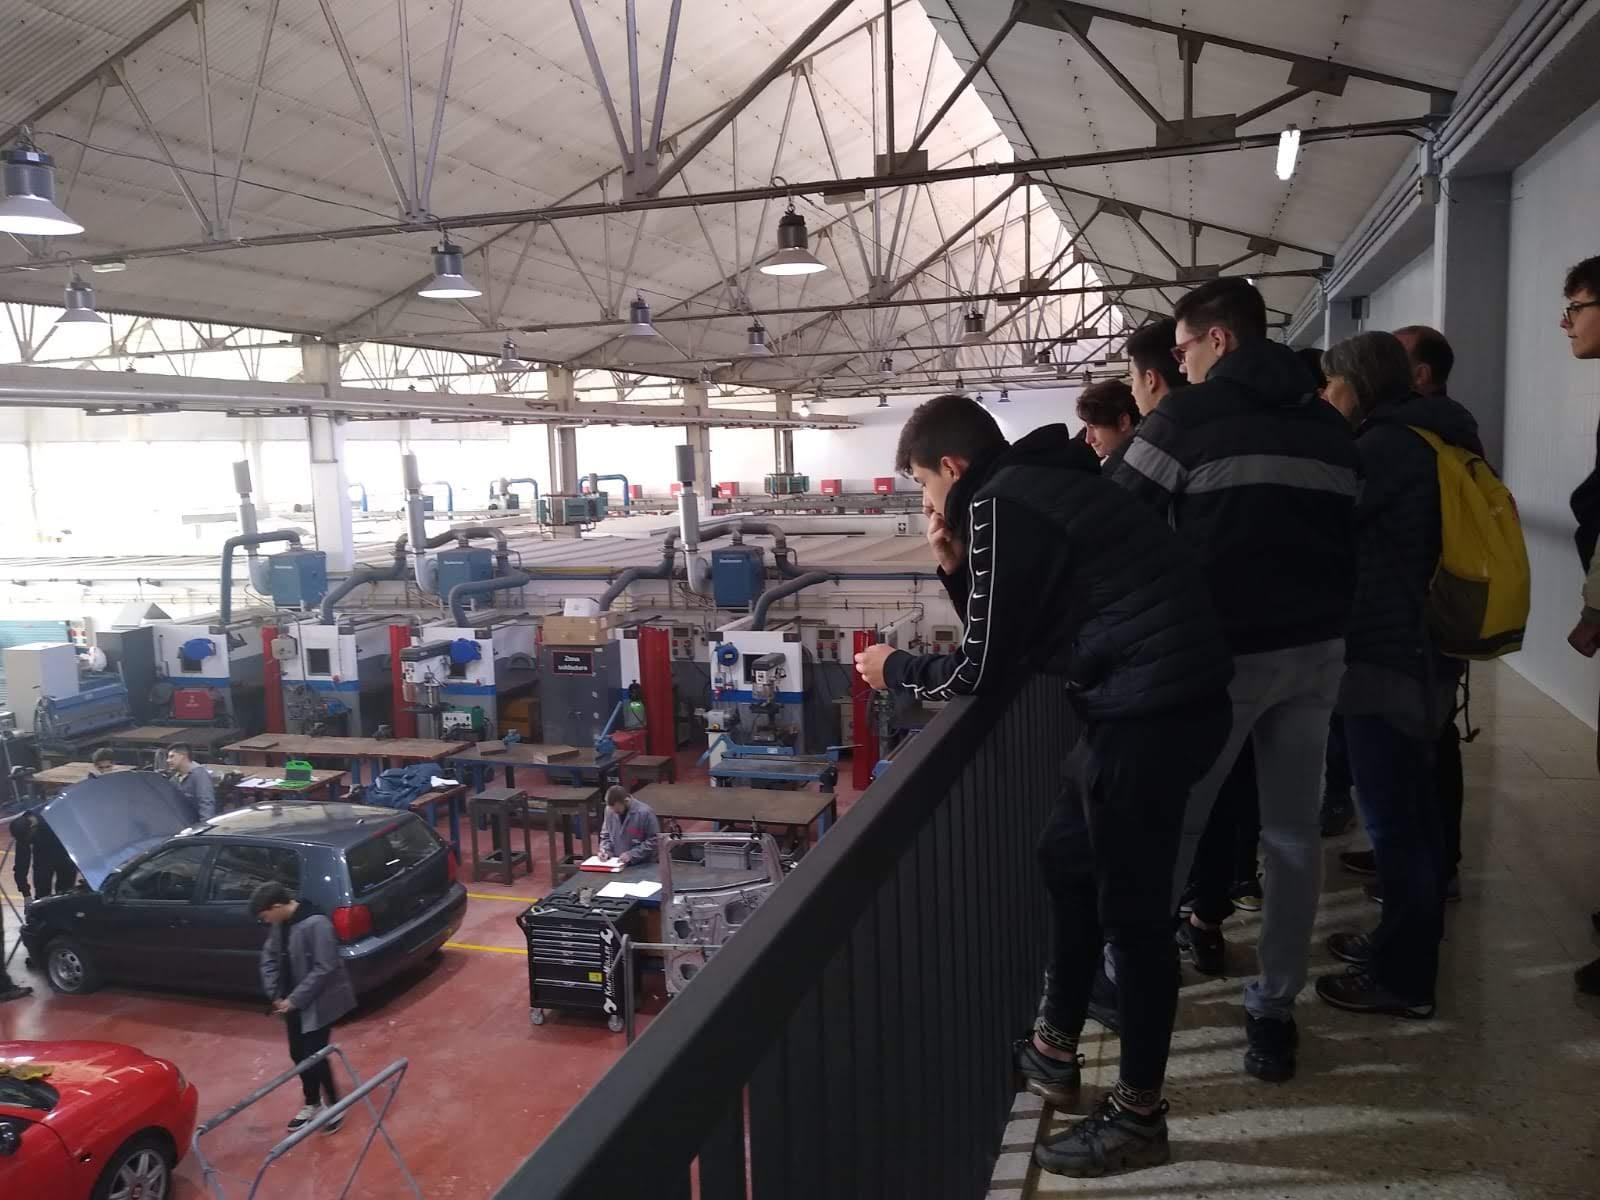 Visita d'alumnes de 4t d'ESO de l'Institut Maria Espinalt